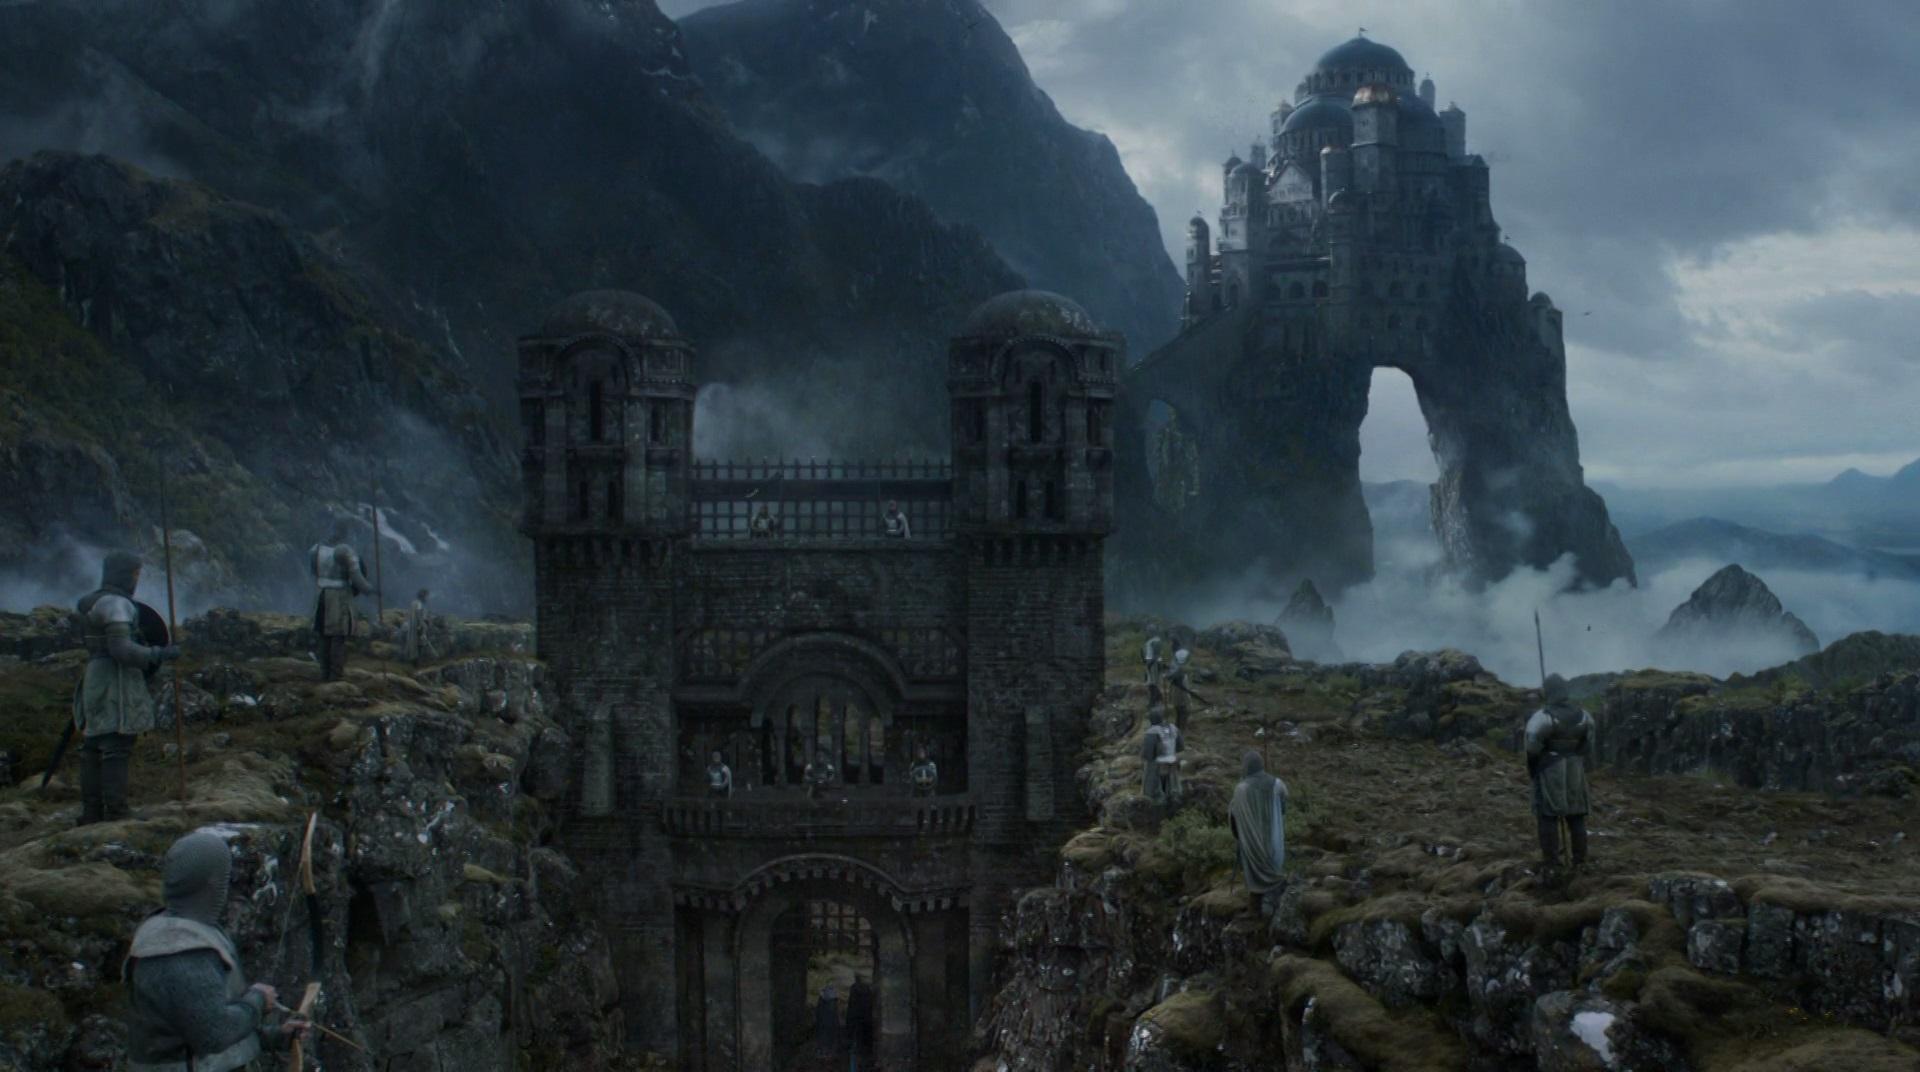 Moondoor Room Game Of Thrones